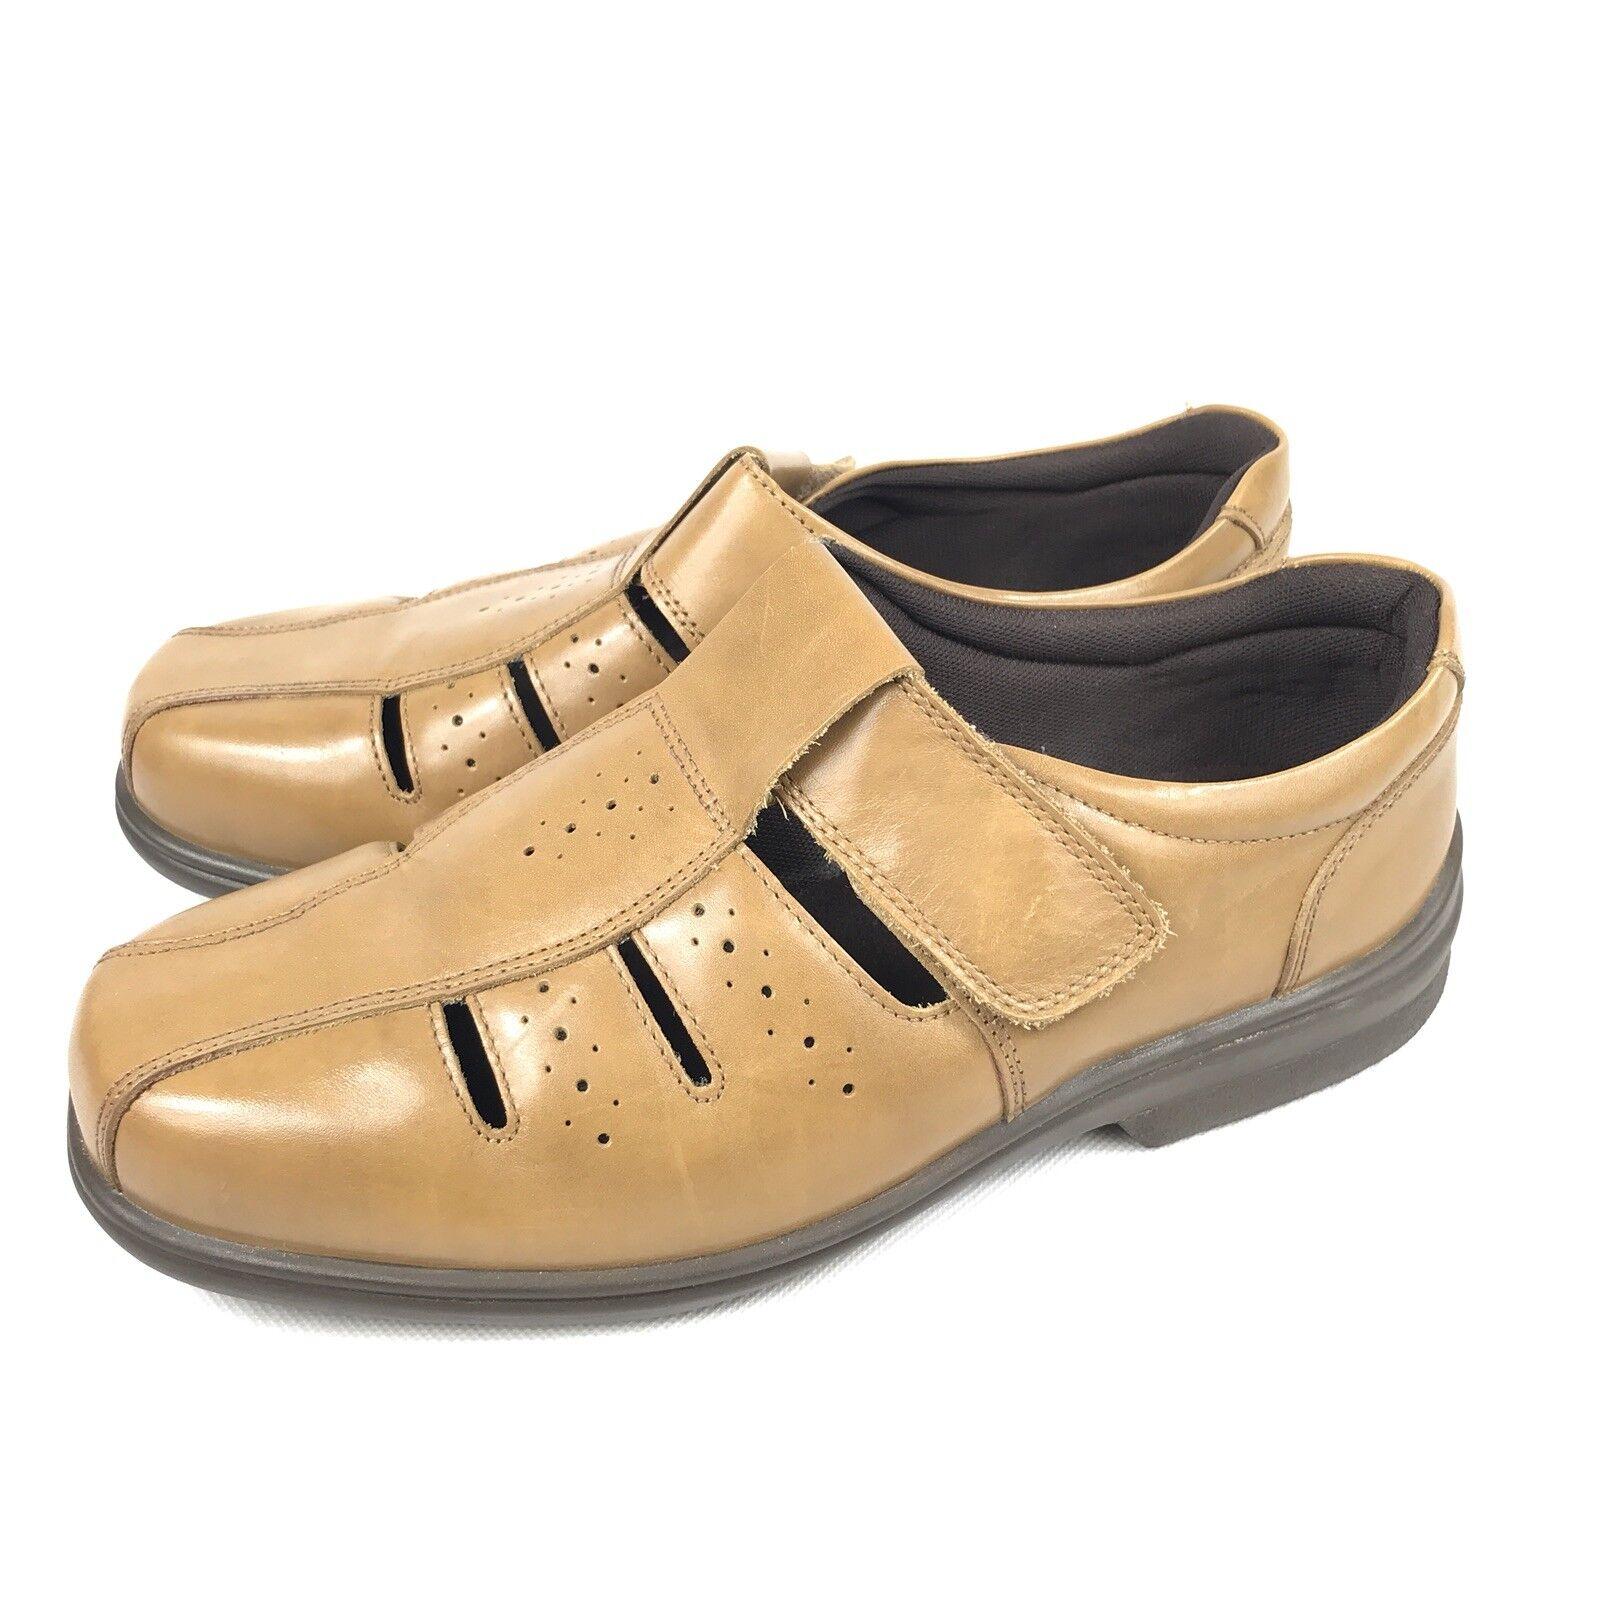 Cosyfeet Floyd Extra Confort Para Hombre Marrón espacioso zapatos talla UK 11 pies hinchados